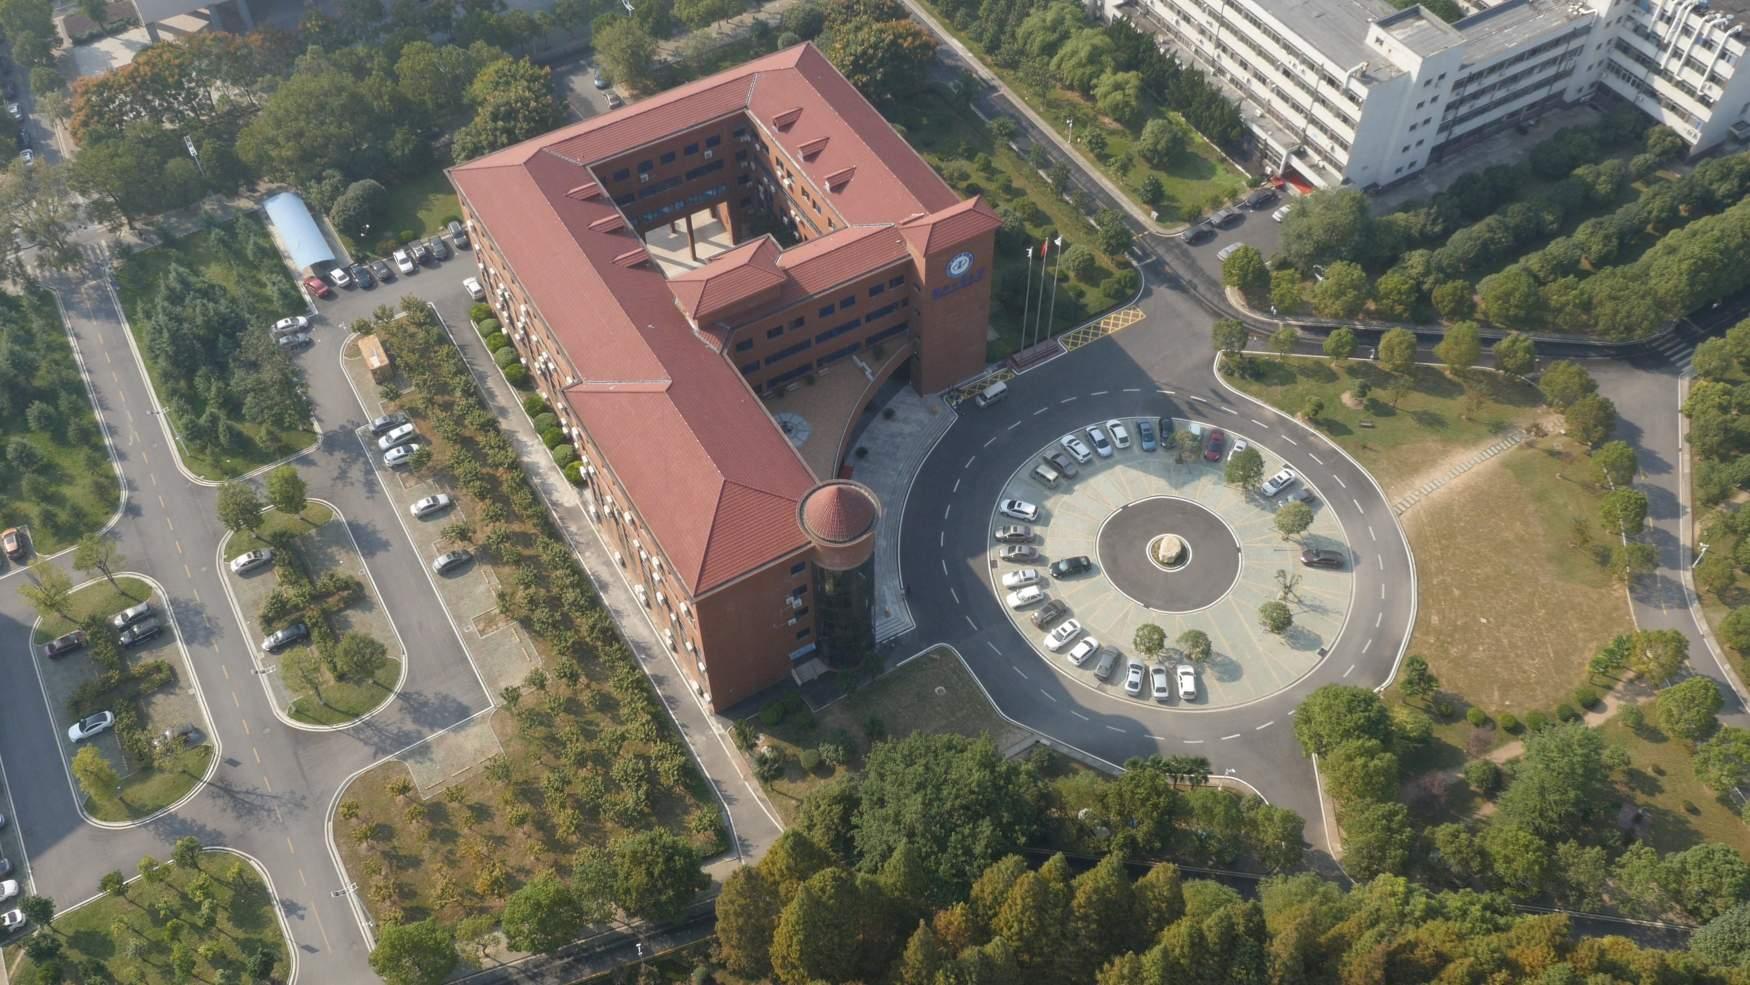 湖北工业大学国际职业中心 航拍工大